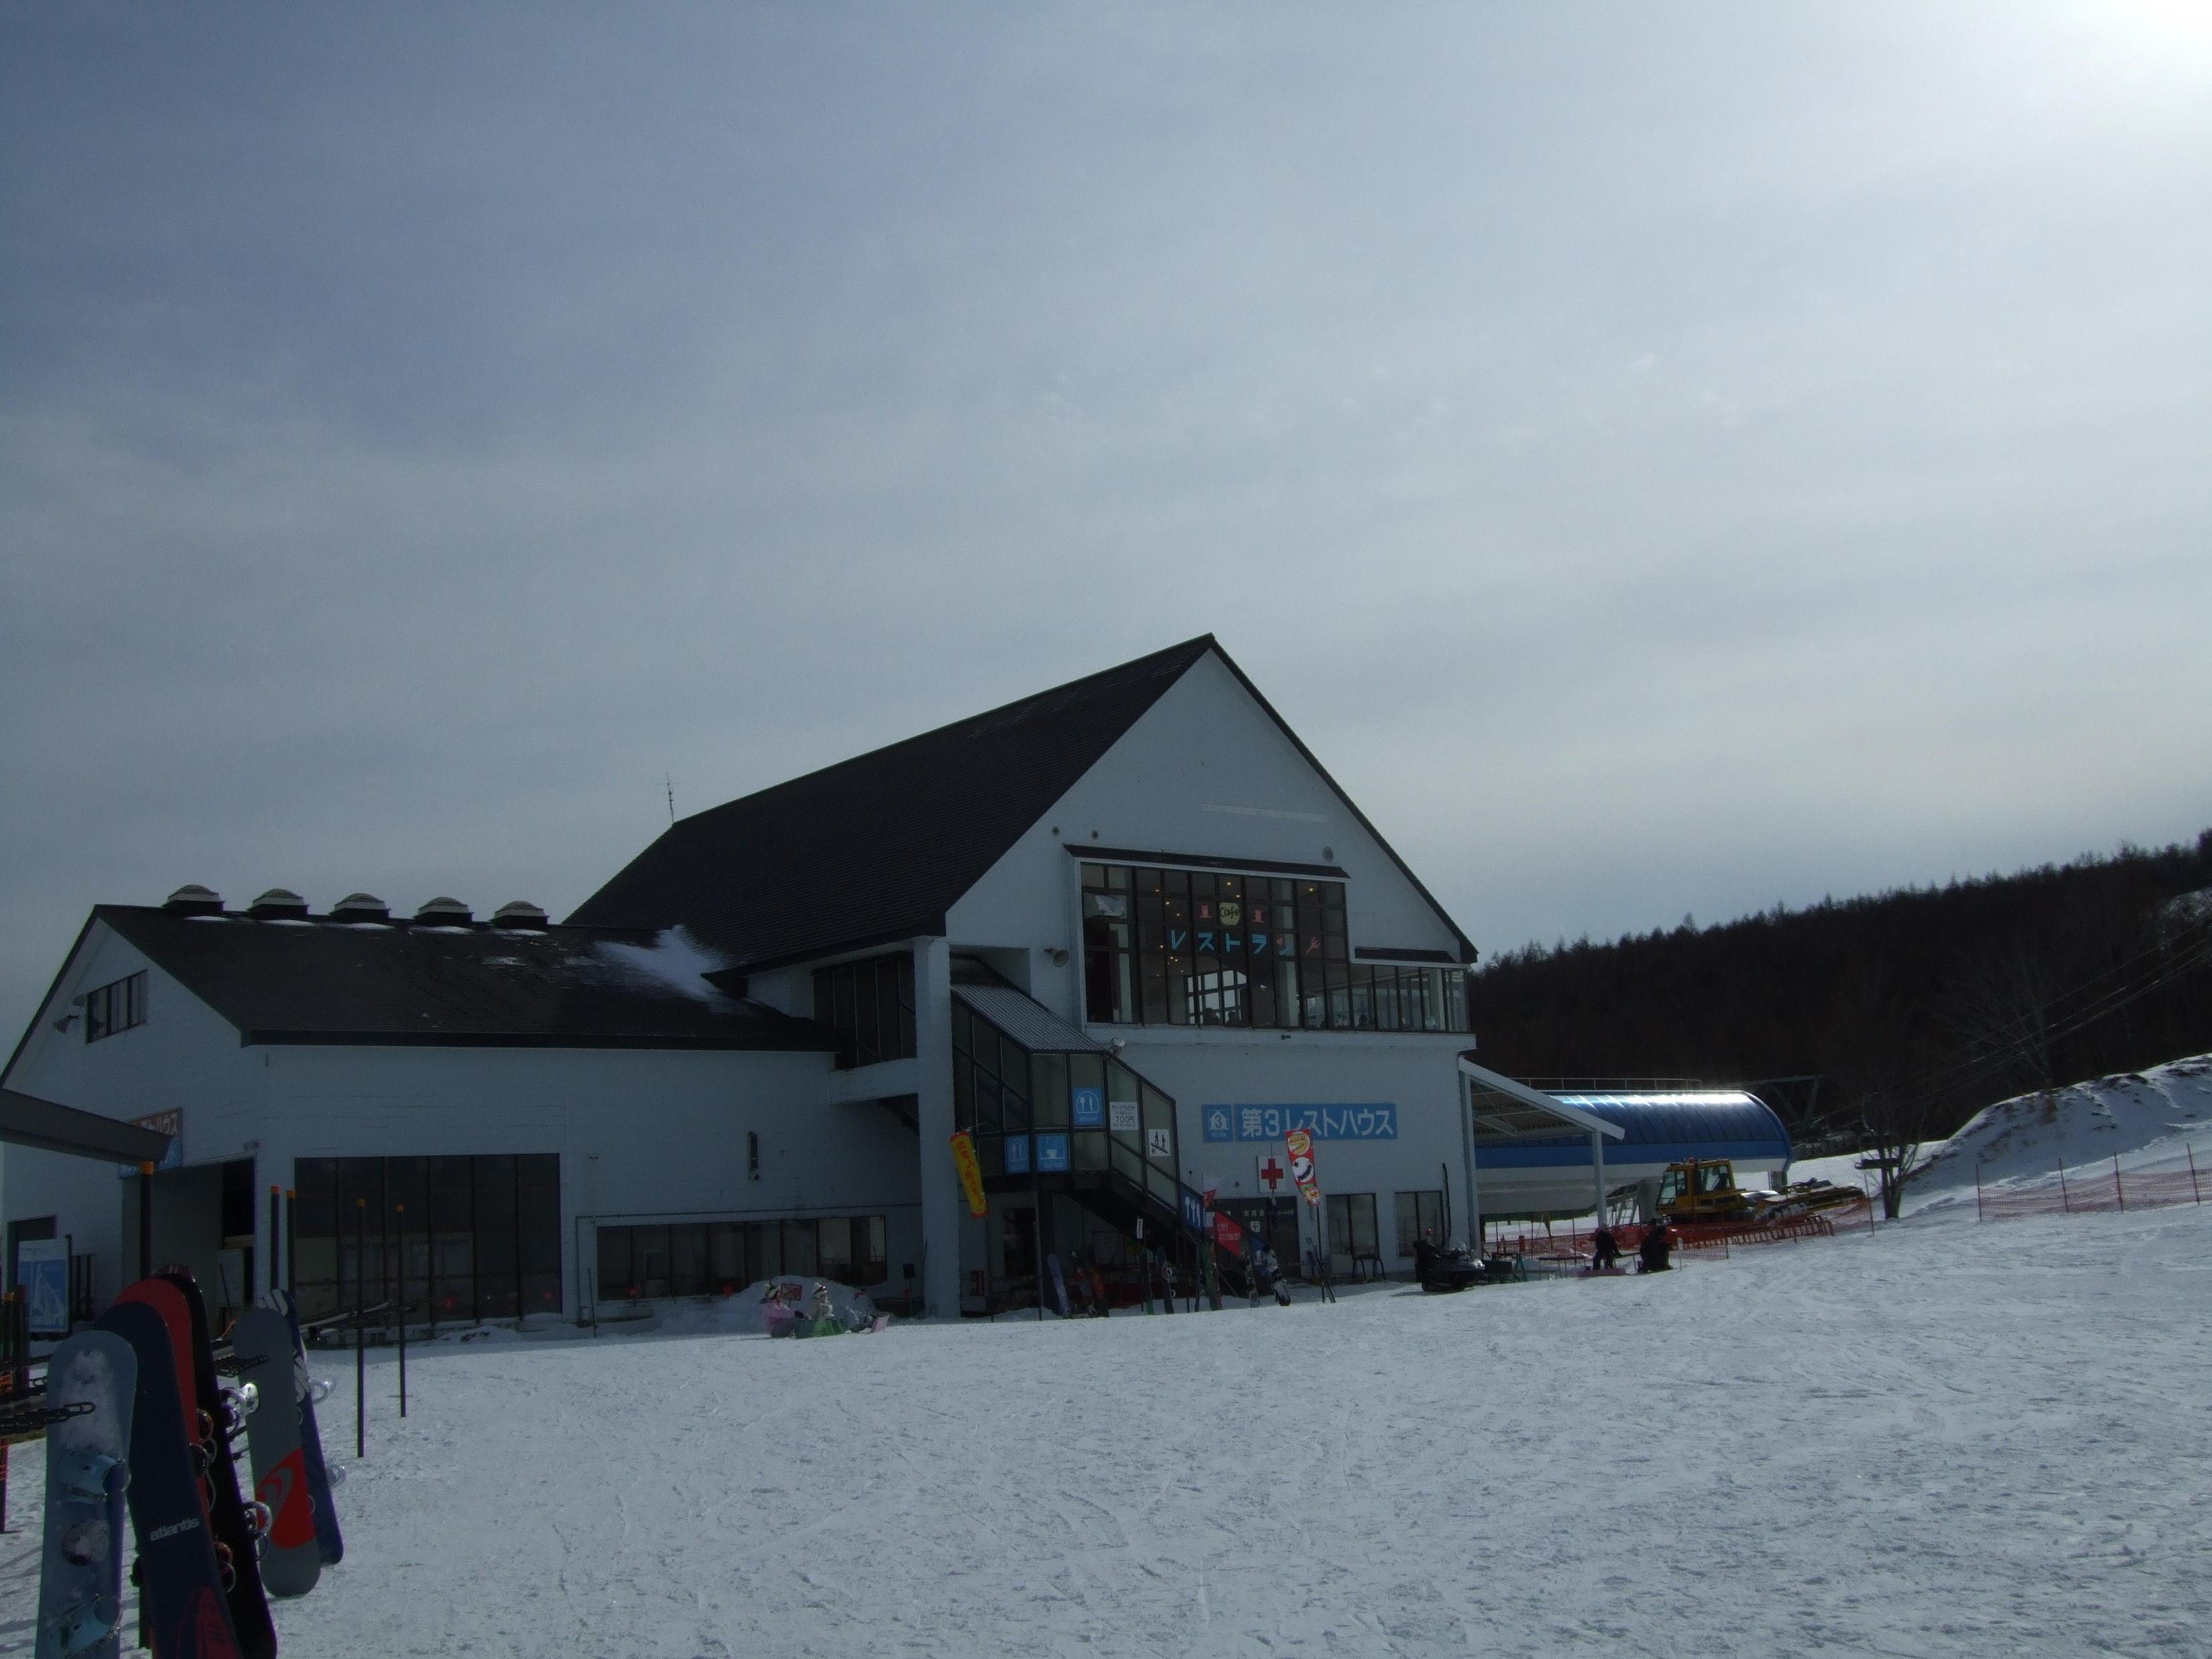 羽鳥湖スキー場、クリックするとムービーが動きます。</